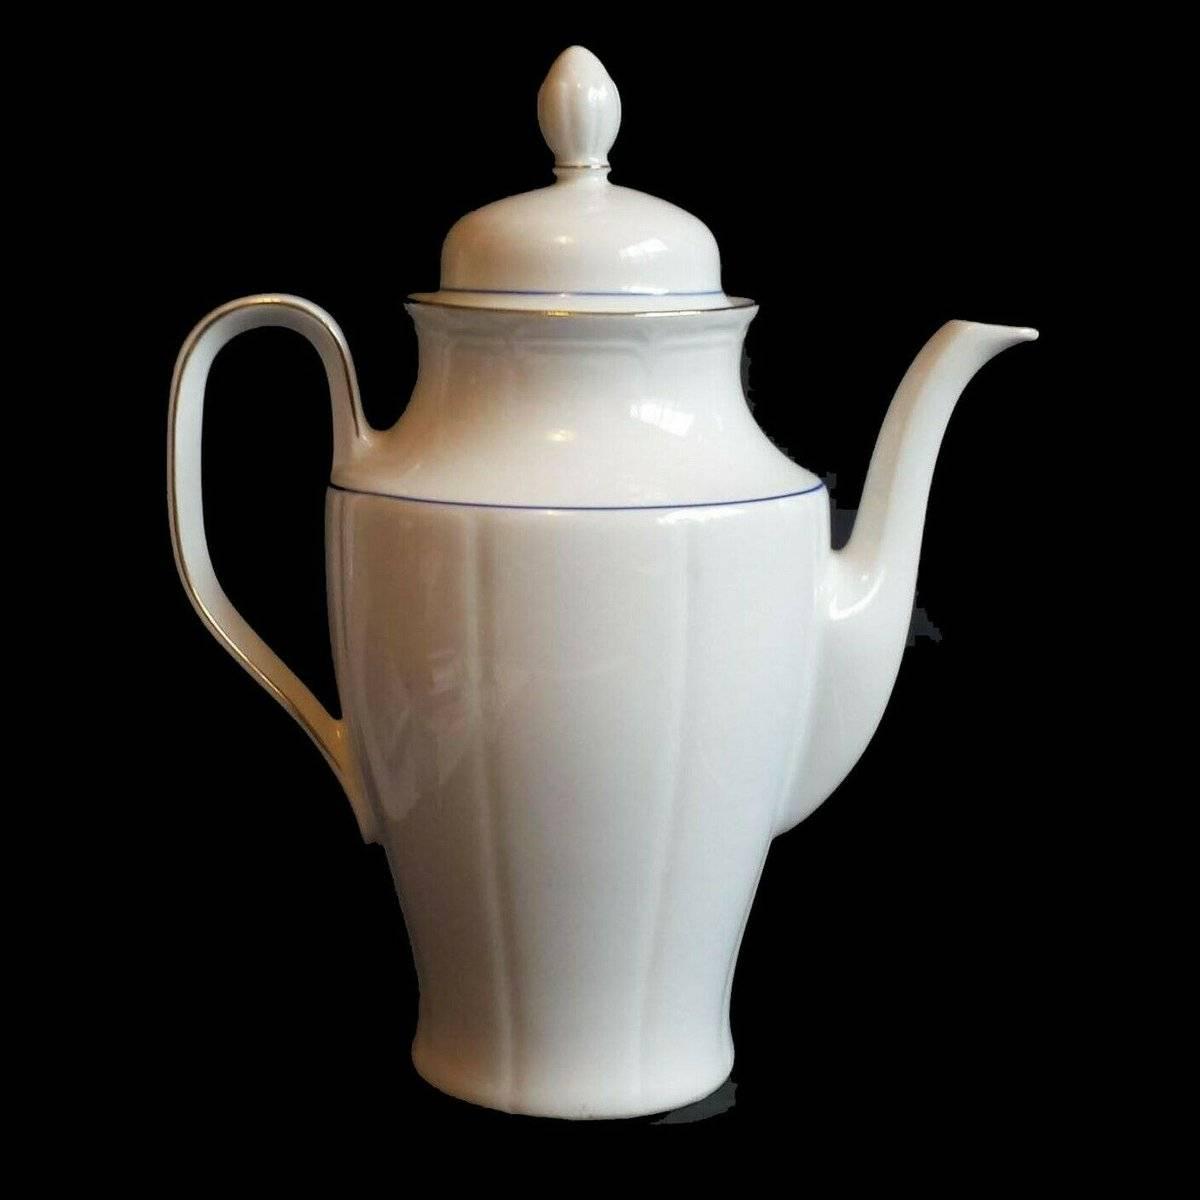 Как выбрать чайник для варки кофе на плите: из нержавеющей стали или медные